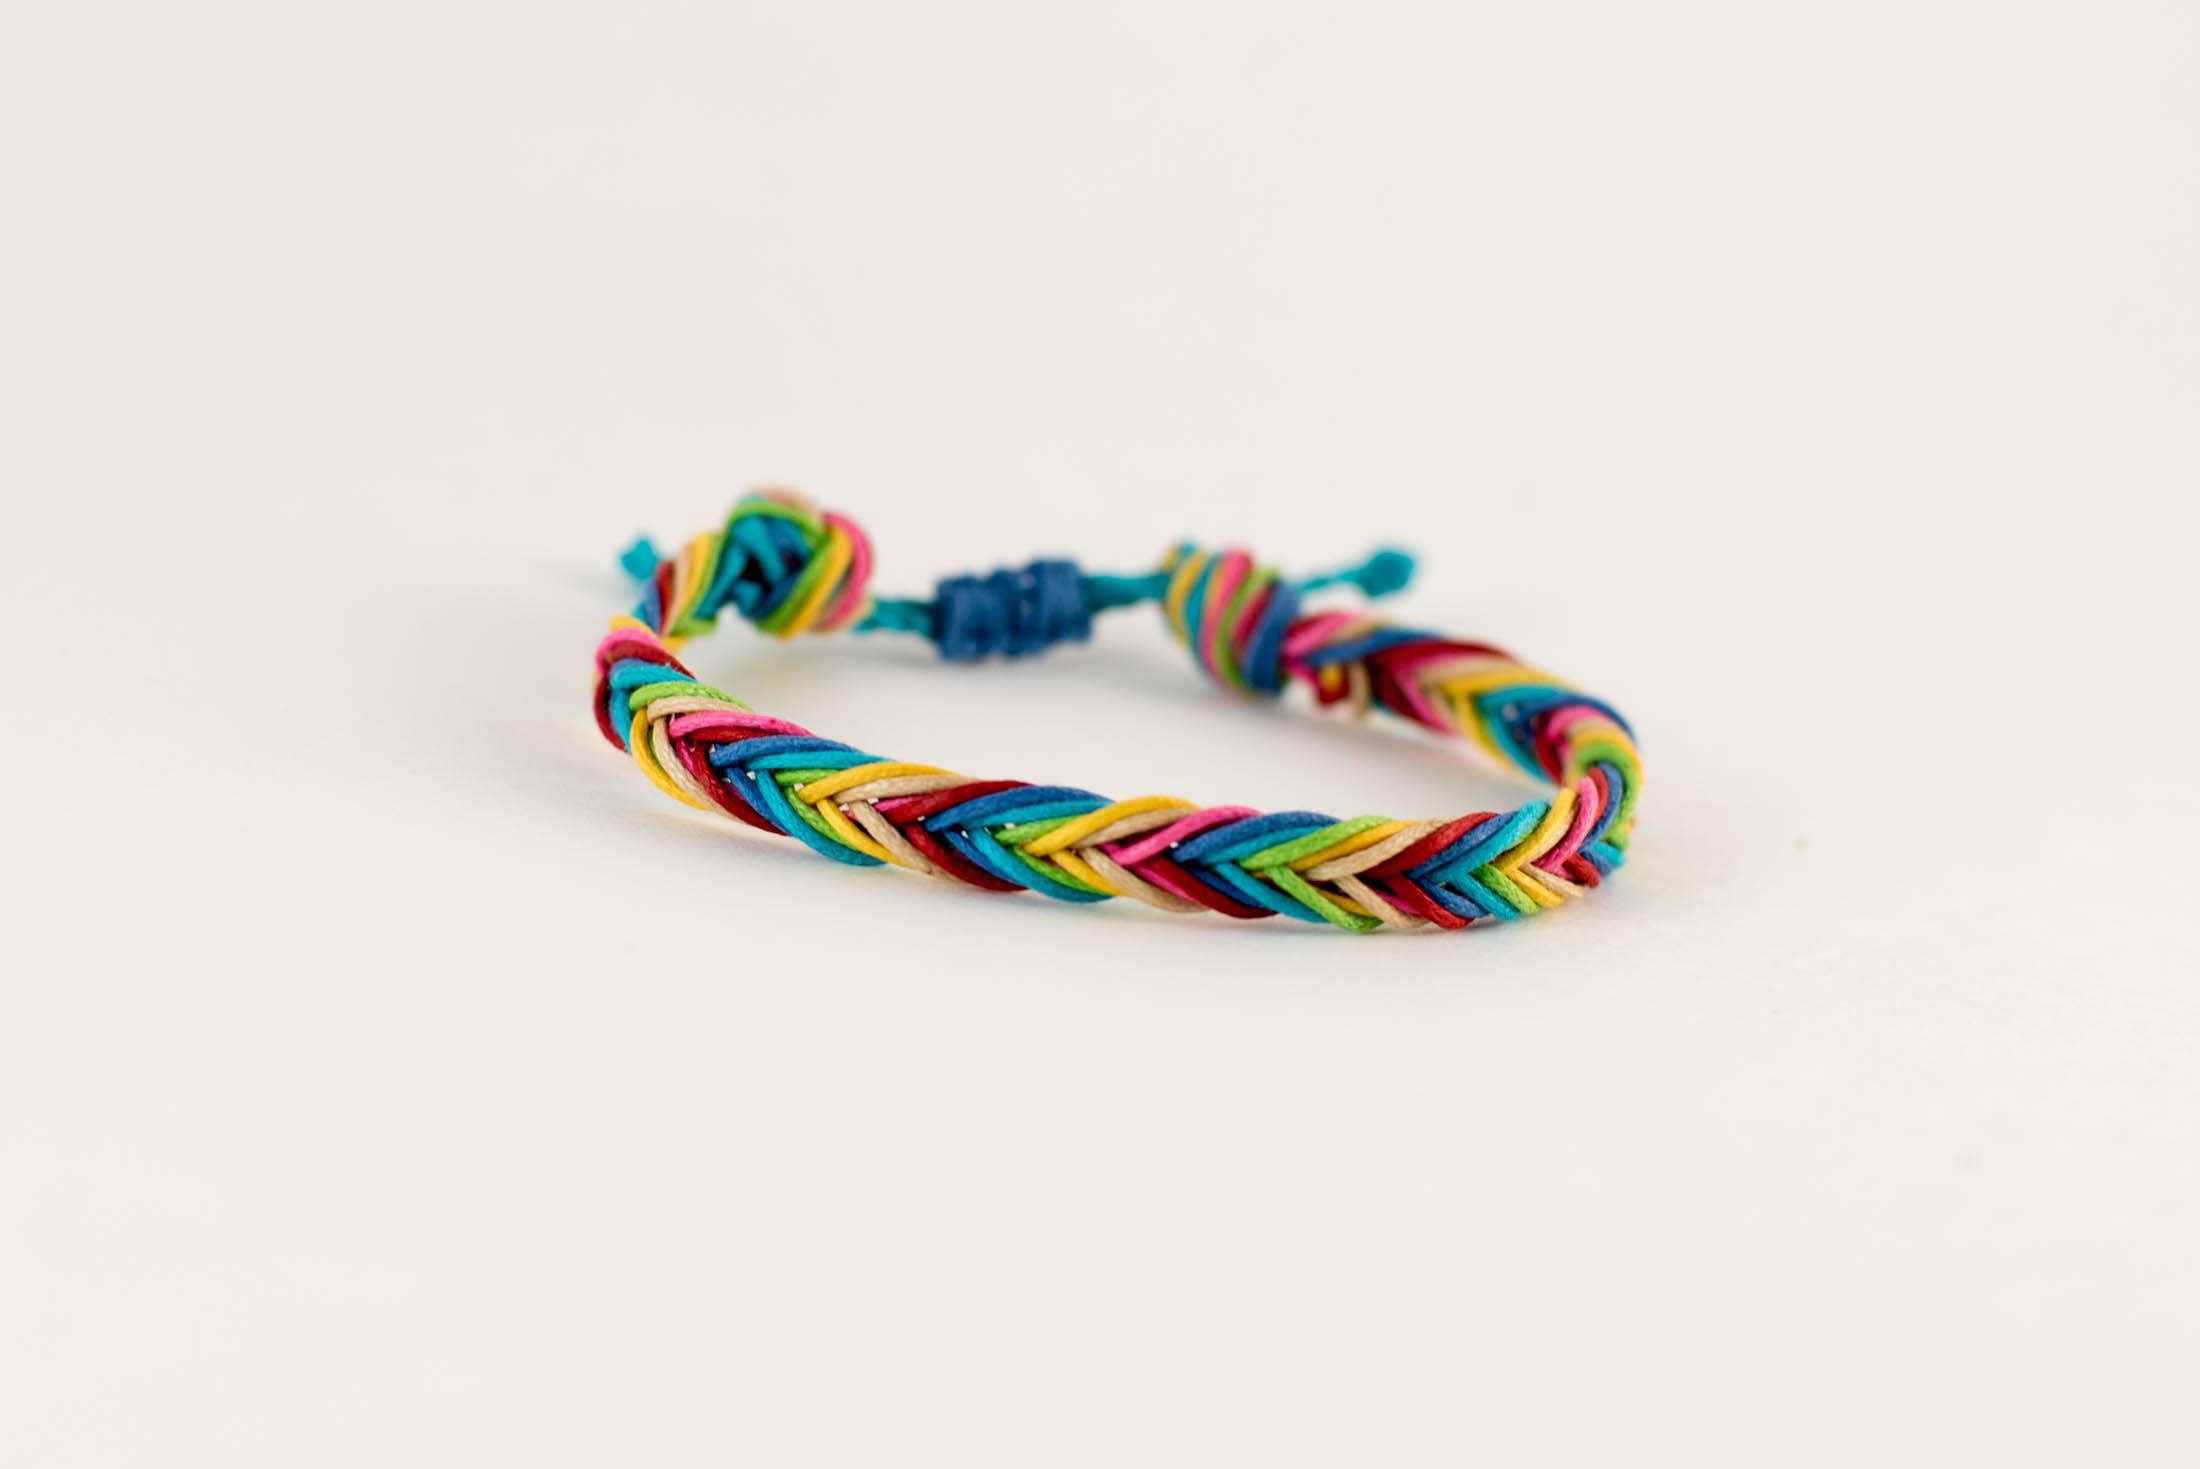 DIY Rainbow Fishtail Braid Macrame Friendship Bracelet ...